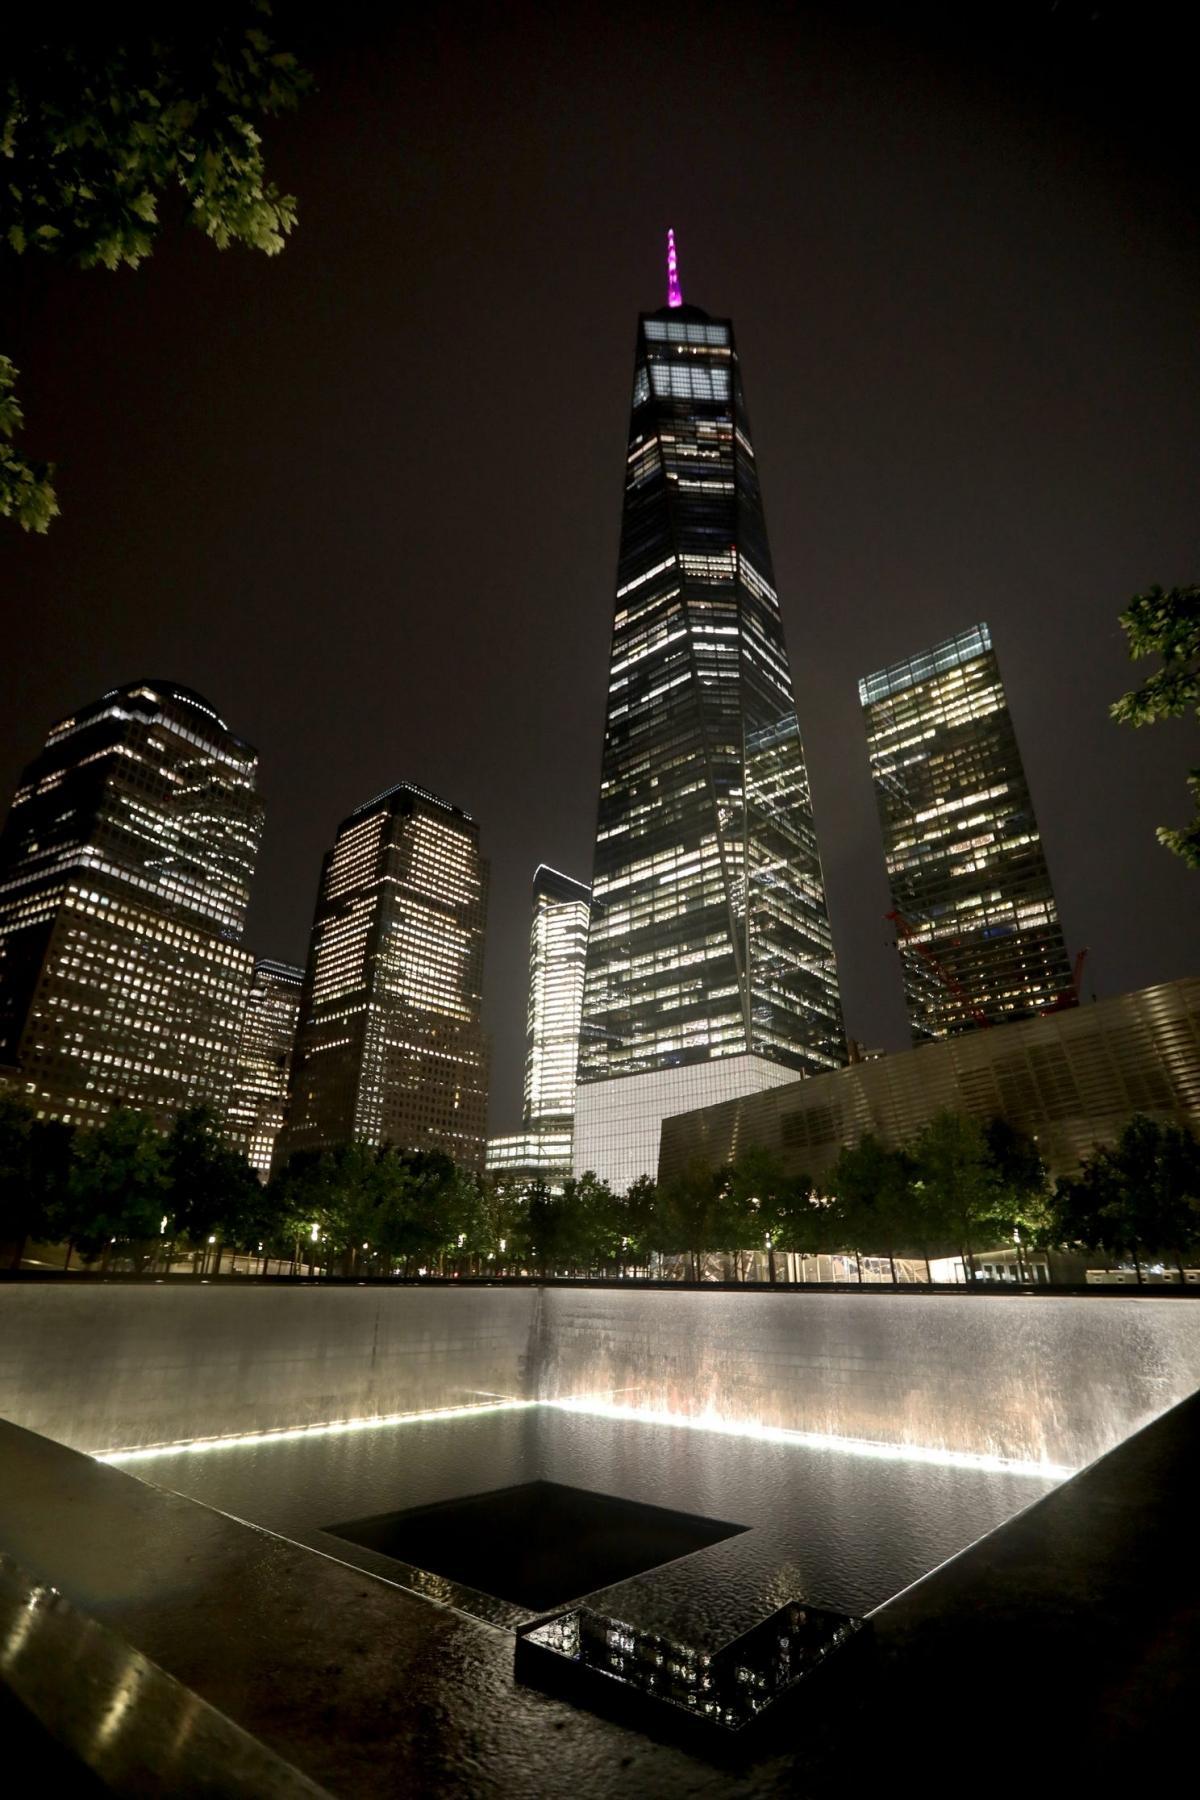 Ngày thường, Đài Tưởng niệm 11/9 không mở cửa với du khách vào ban đêm nhưng sẽ mở cửa vào đêm 11/9 nhằm tưởng niệm 20 năm vụ khủng bố 11/9 xảy ra. Ảnh: USA Today